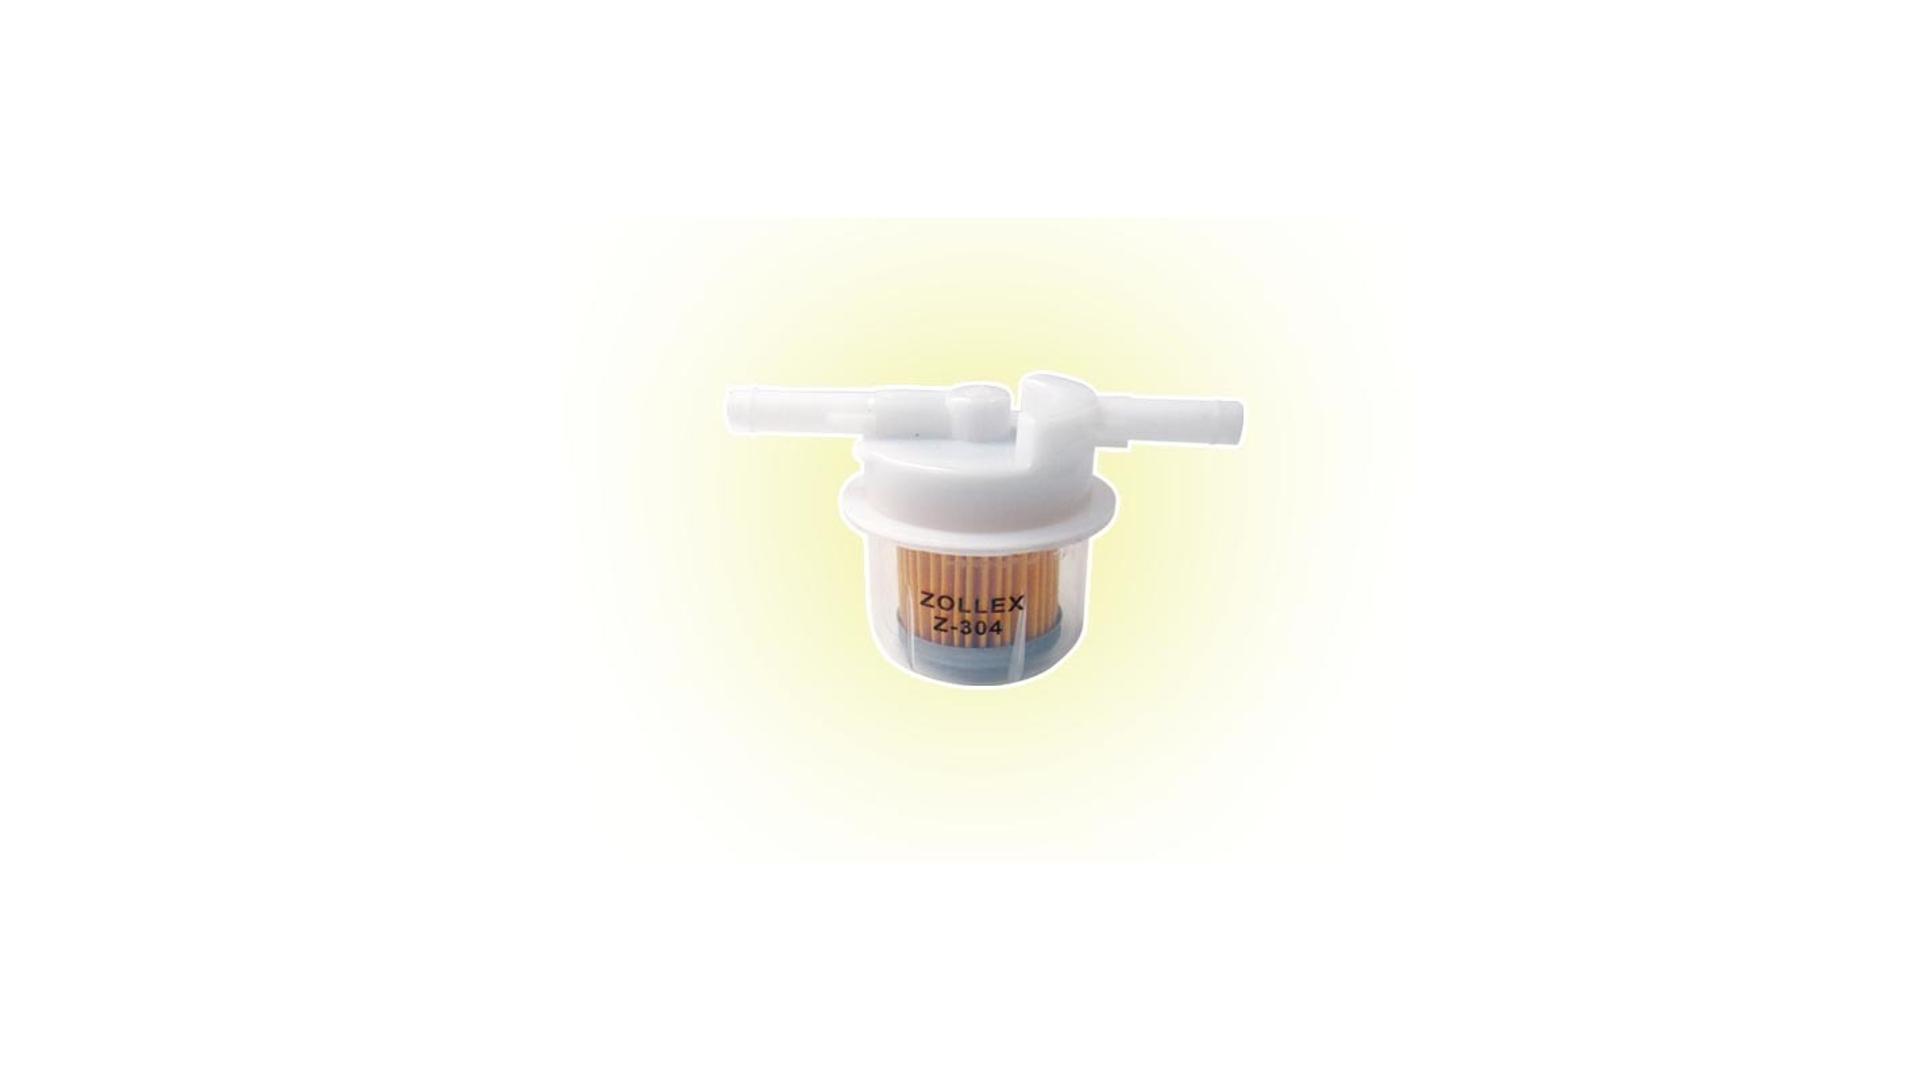 ZOLLEX Univerzálny palivový filter Z-304 (analogue GB-215)